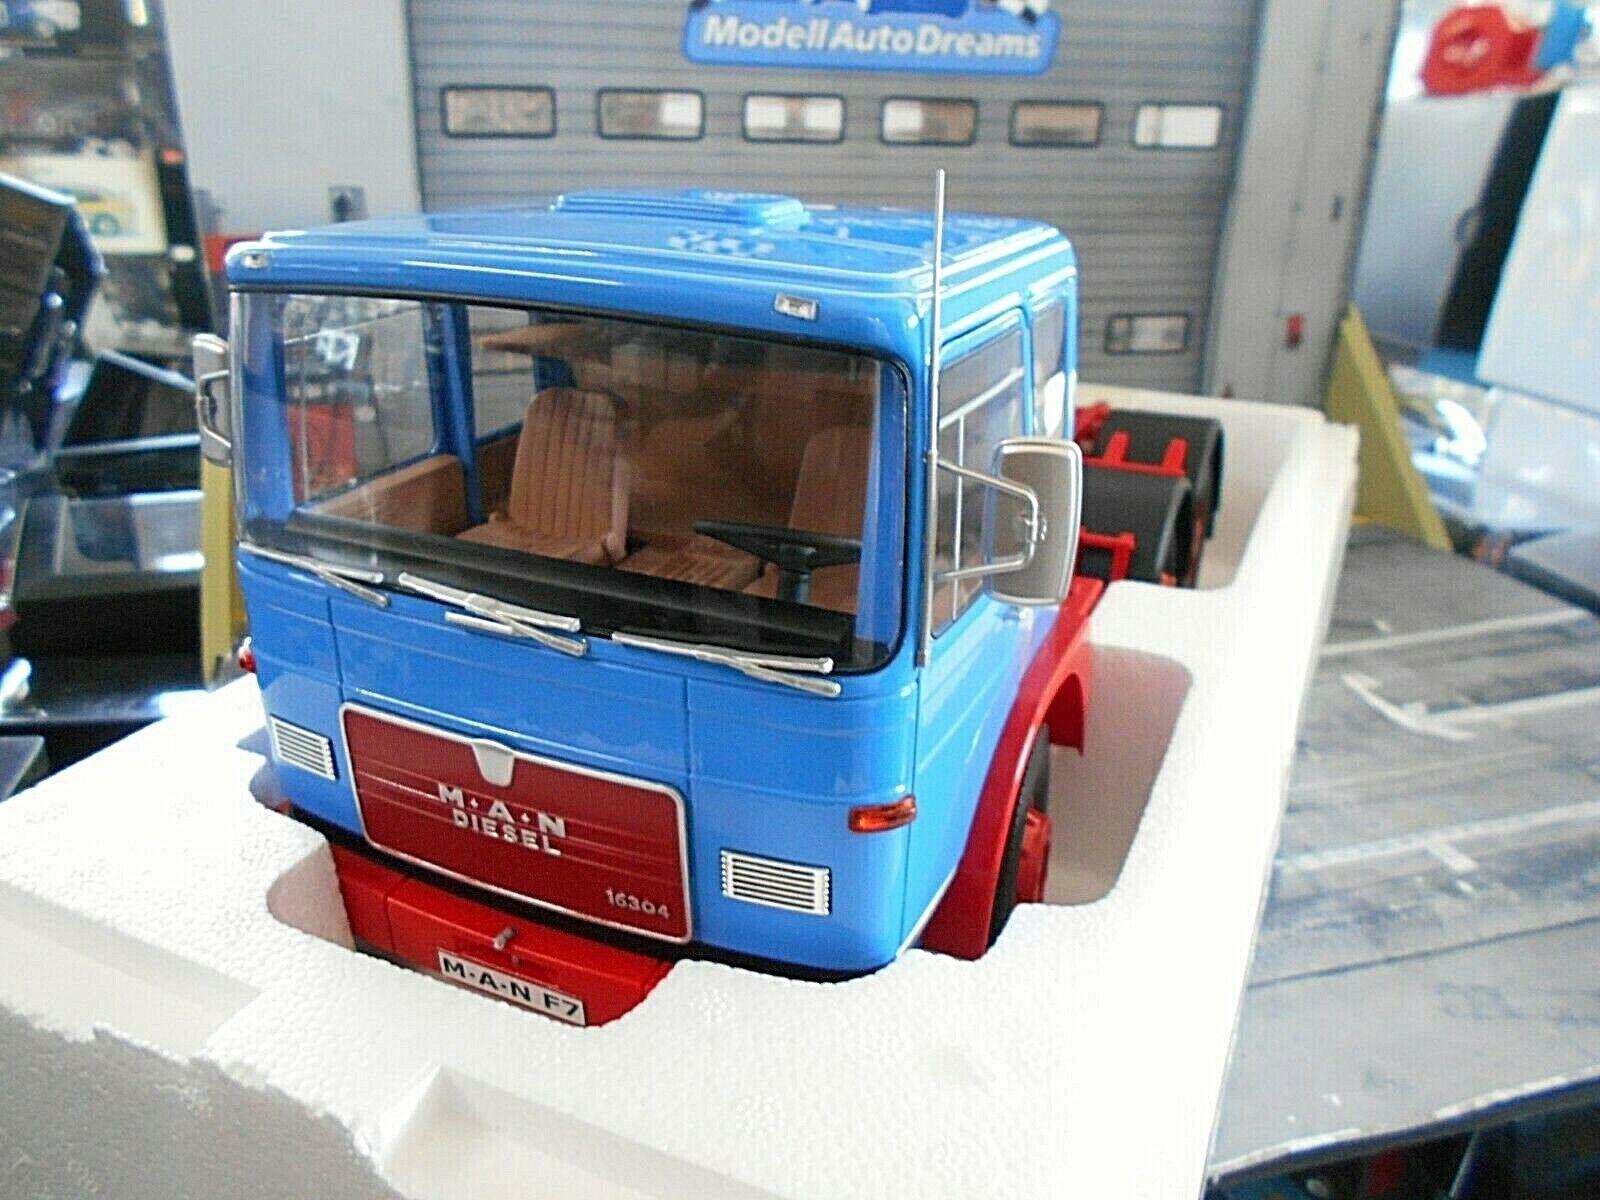 Man f7 16.304 1972 blu rosso blu rosso camión camión disociada Road King enorme rar 1 18